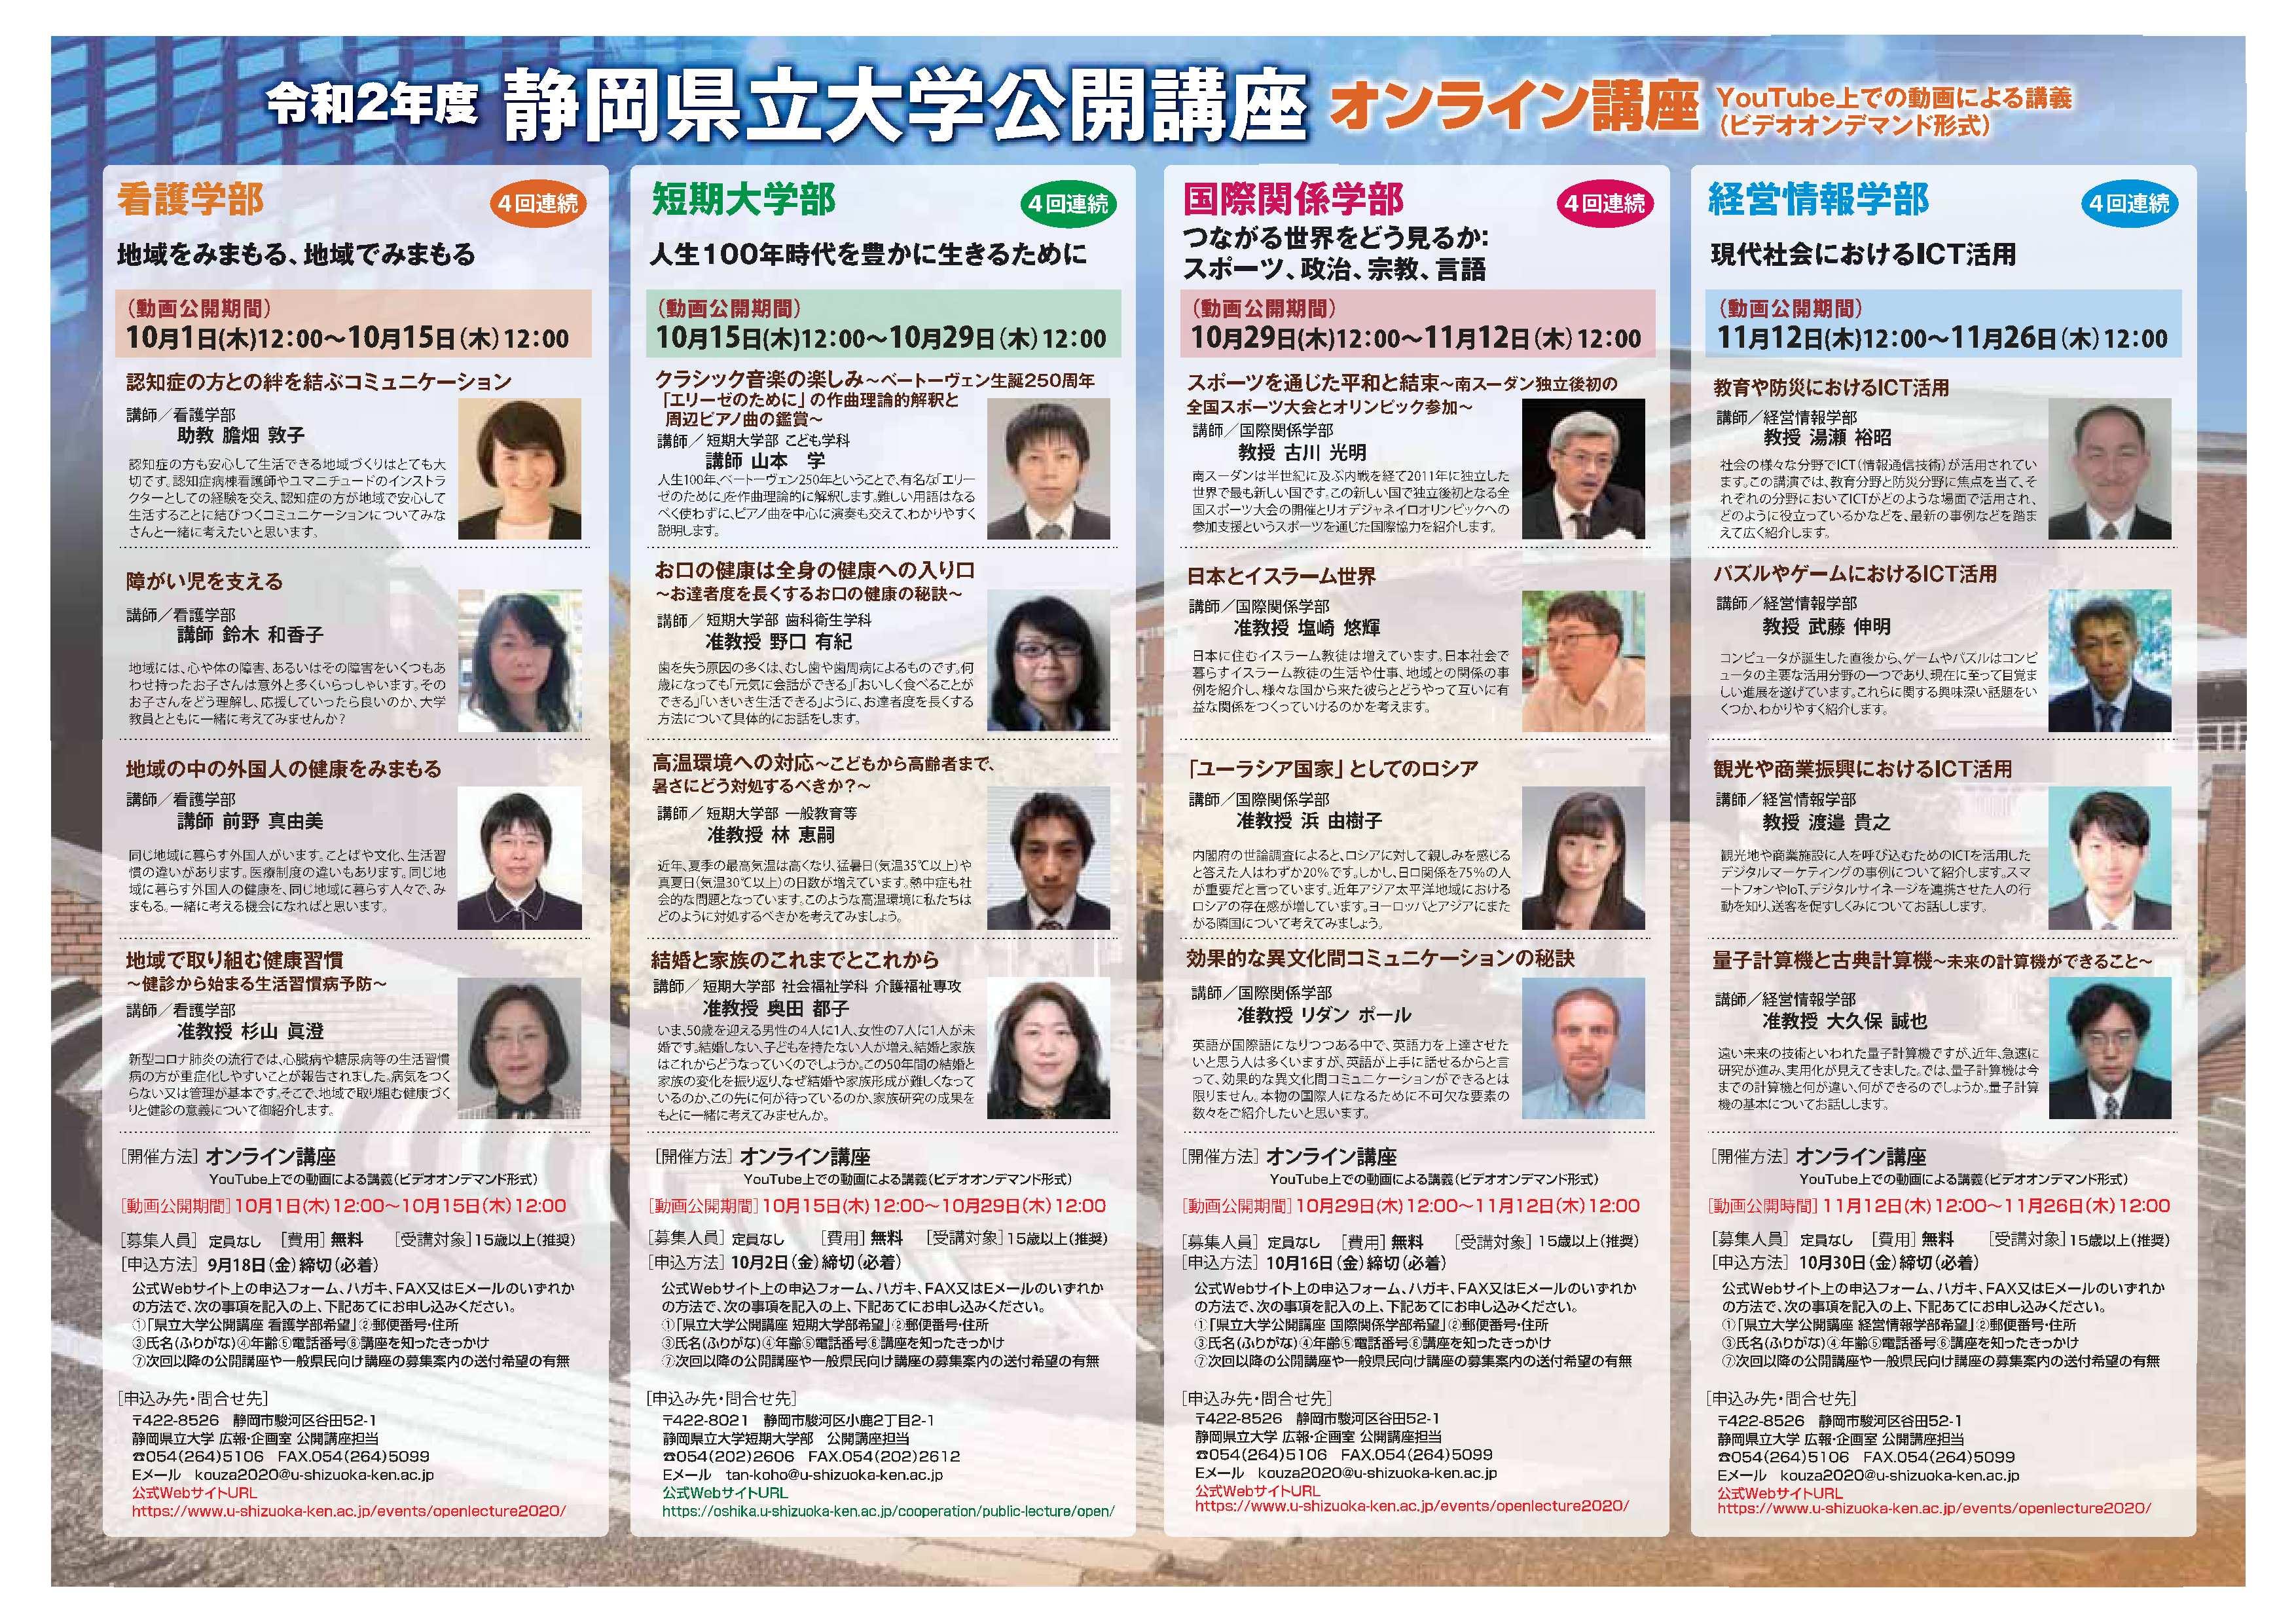 leaflet-02-300dpi.jpg